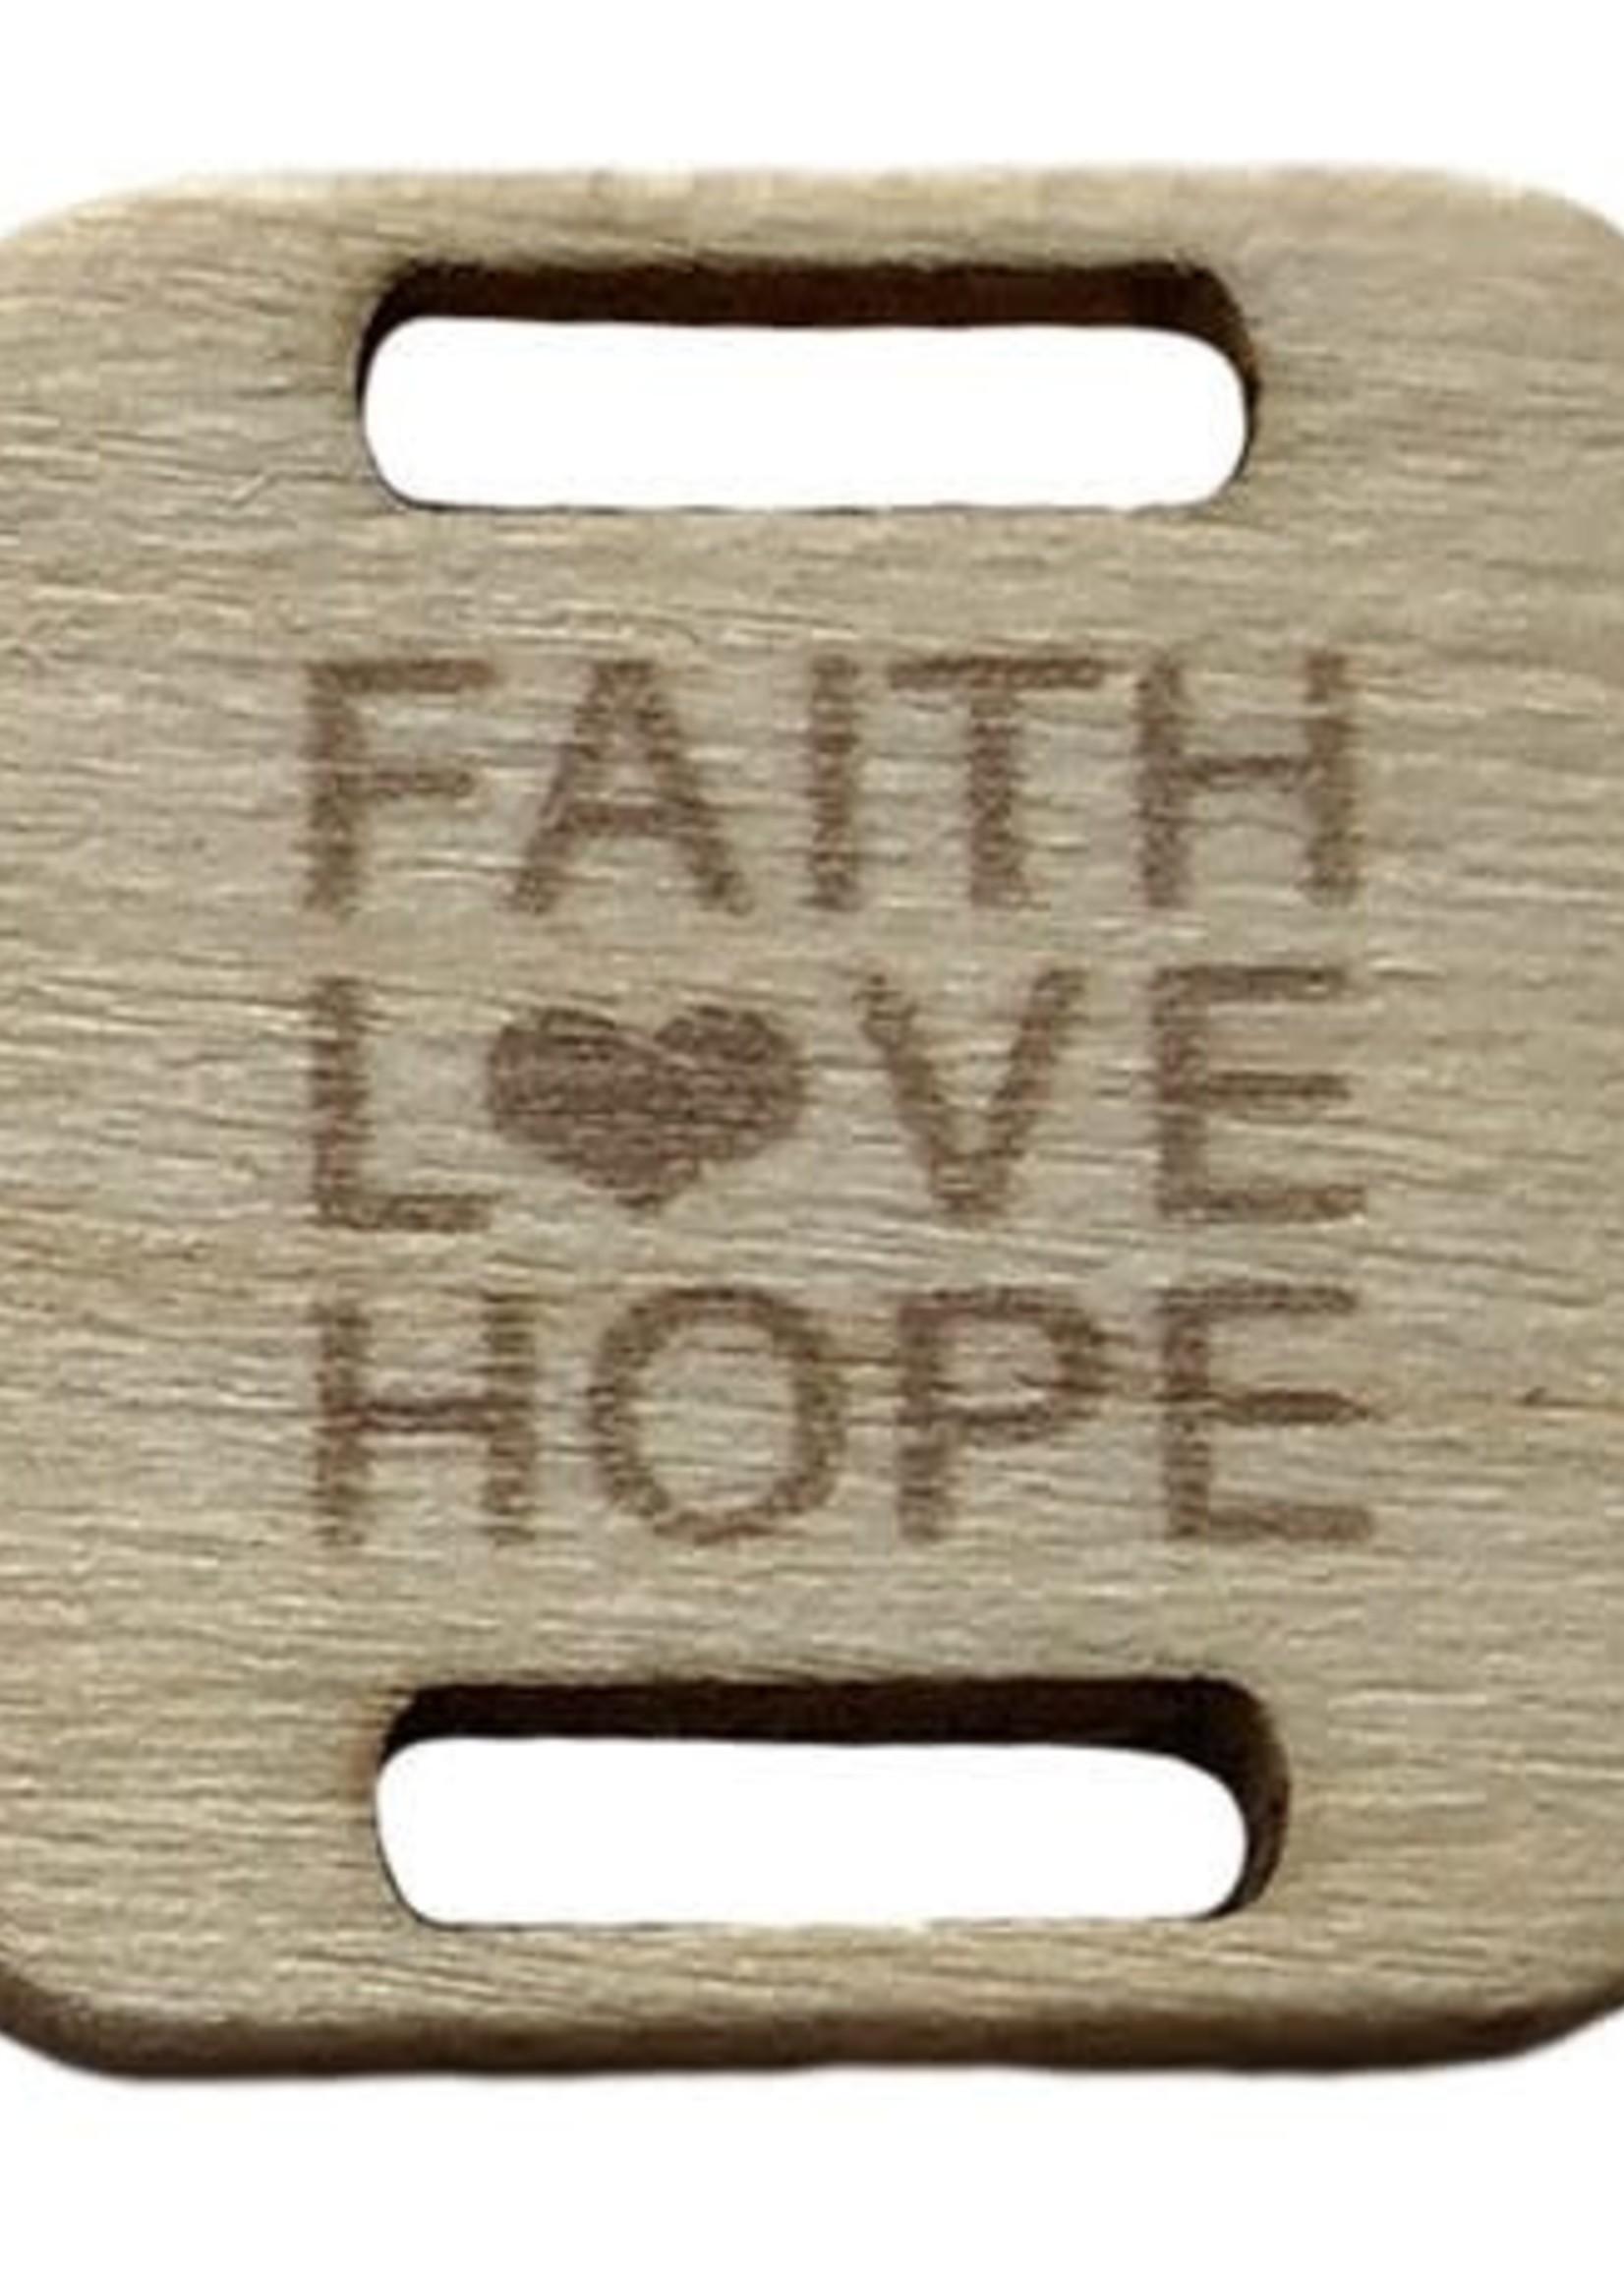 Birch Wood Garment Tag - Faith, Love, Hope - Square